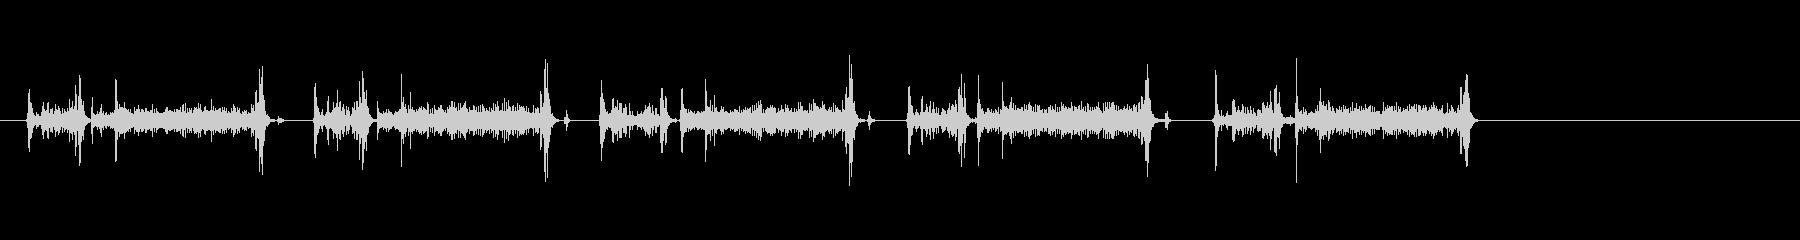 電話ダイヤル;ロータリー;ダイヤル...の未再生の波形